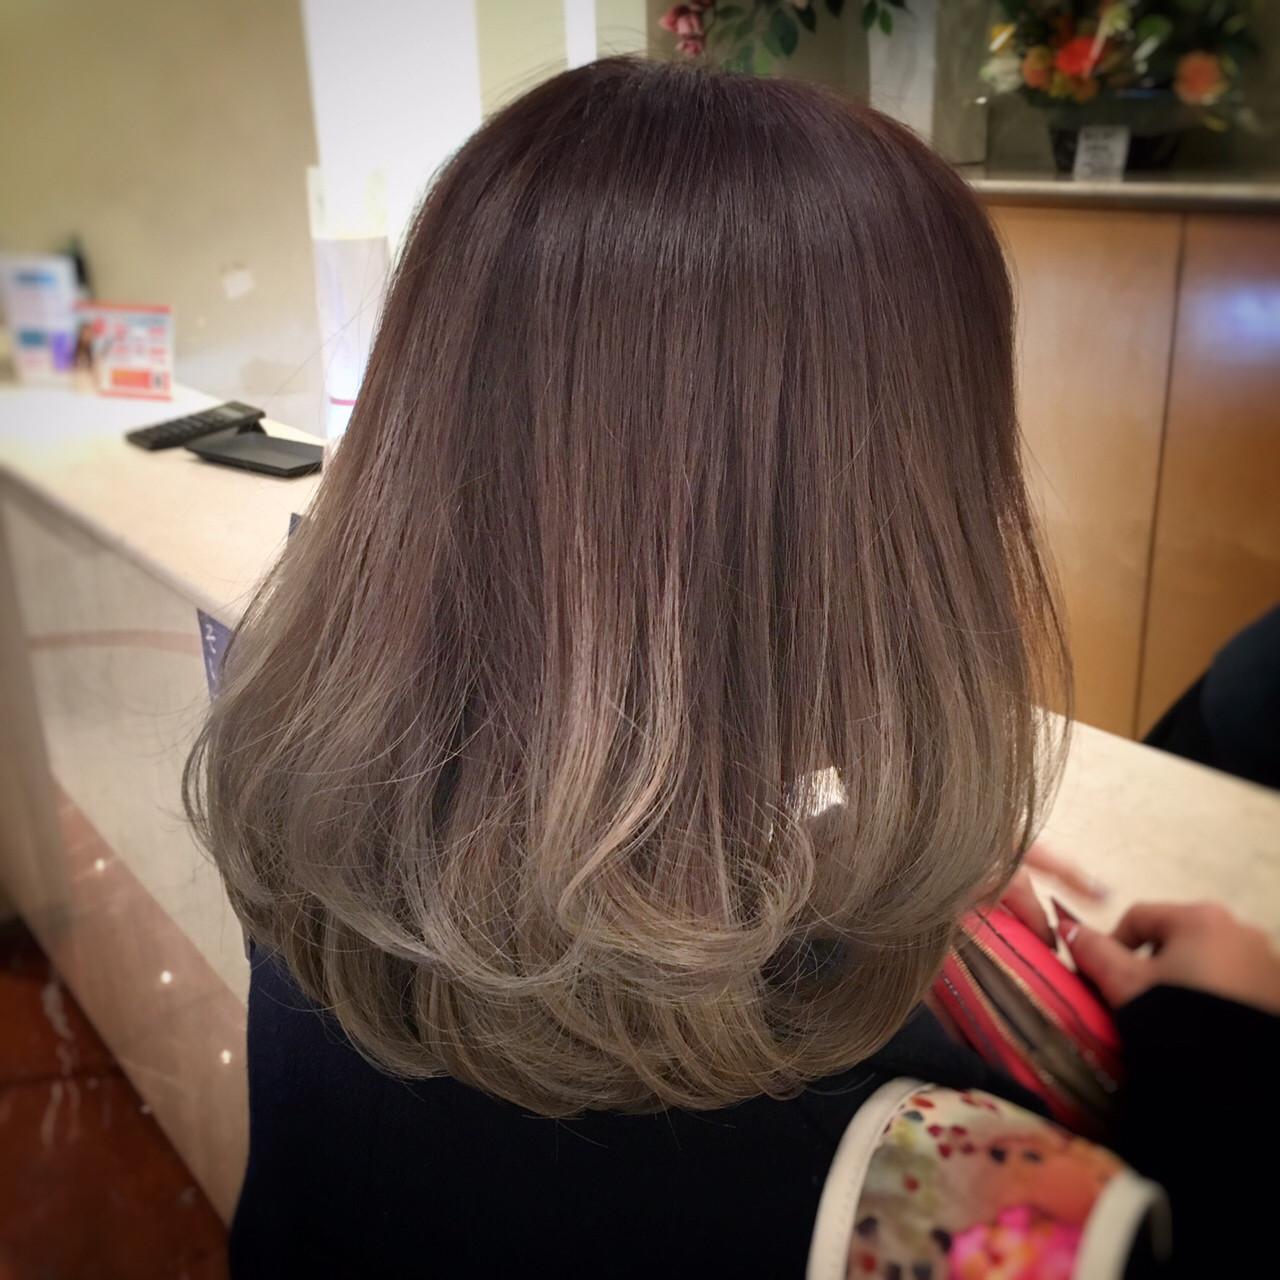 ボブ ヘアアレンジ ガーリー フェミニン ヘアスタイルや髪型の写真・画像